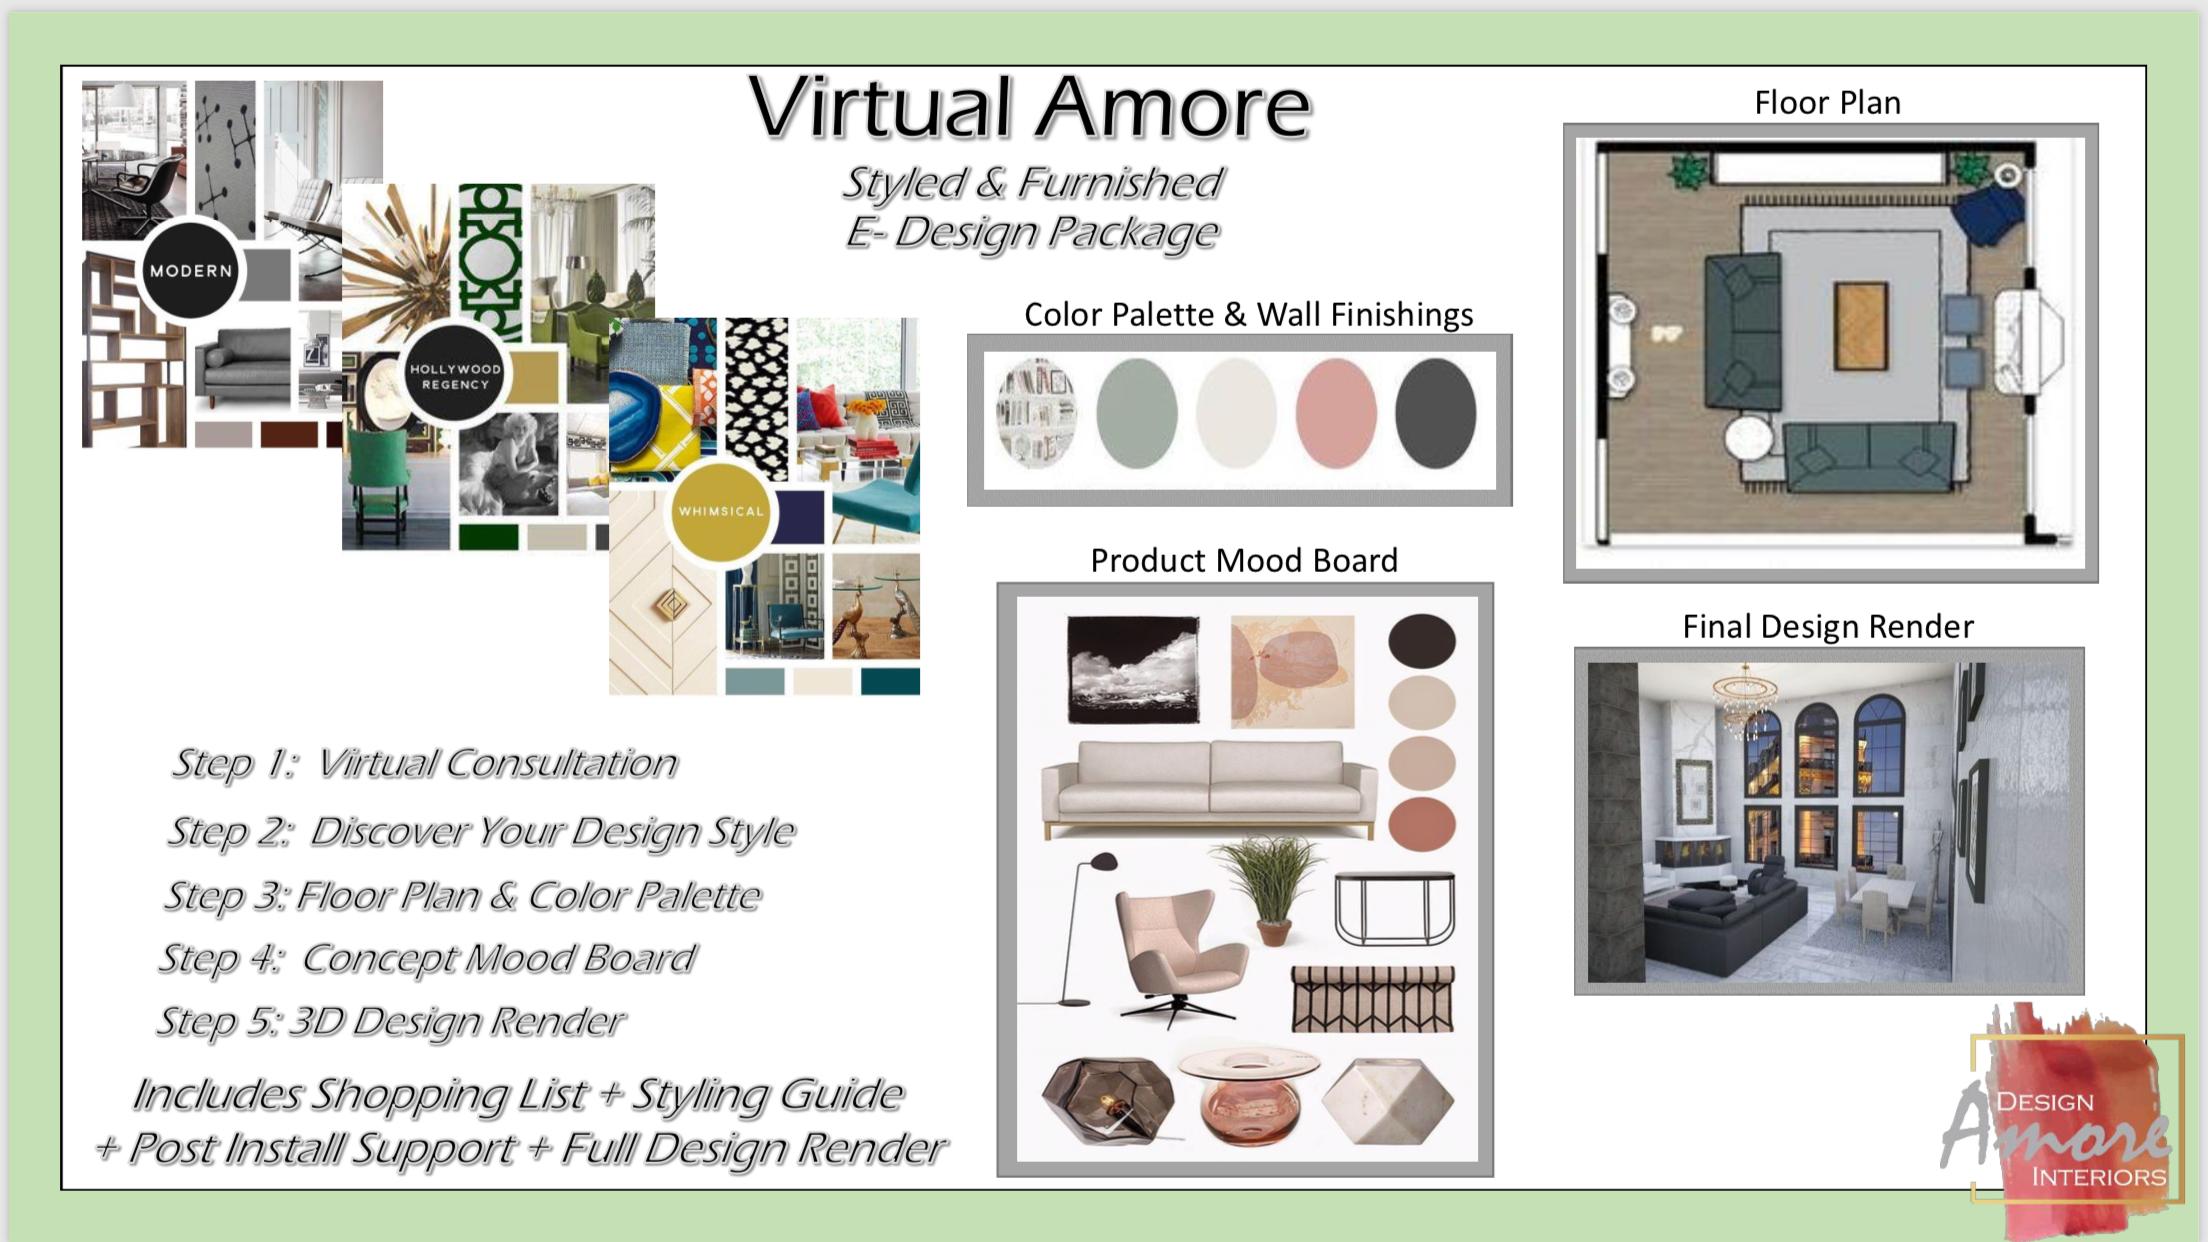 Virtual Amore E-Design Studio